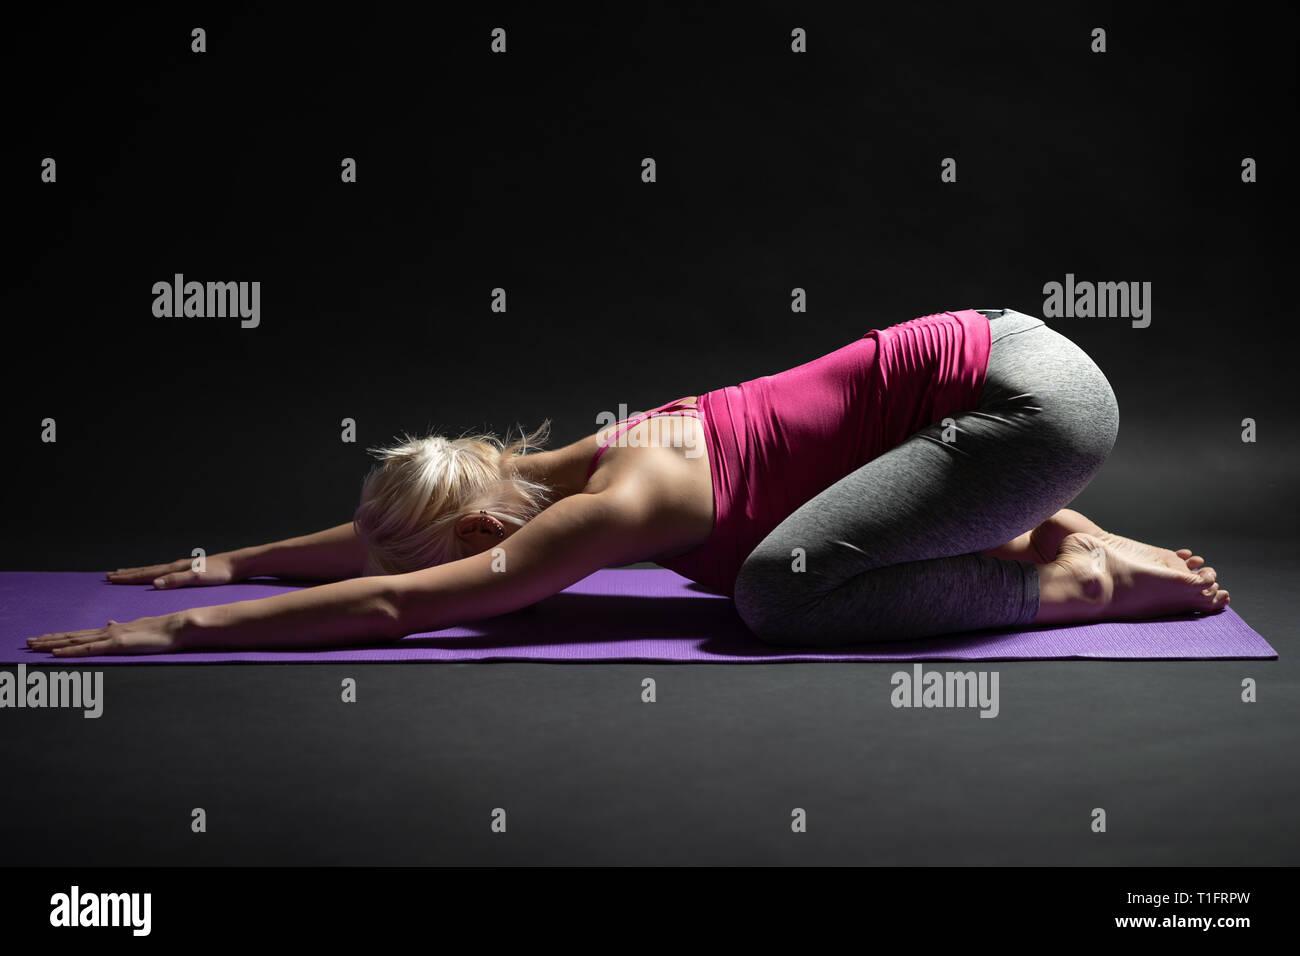 Woman exercising pilates. Child pose yoga. - Stock Image